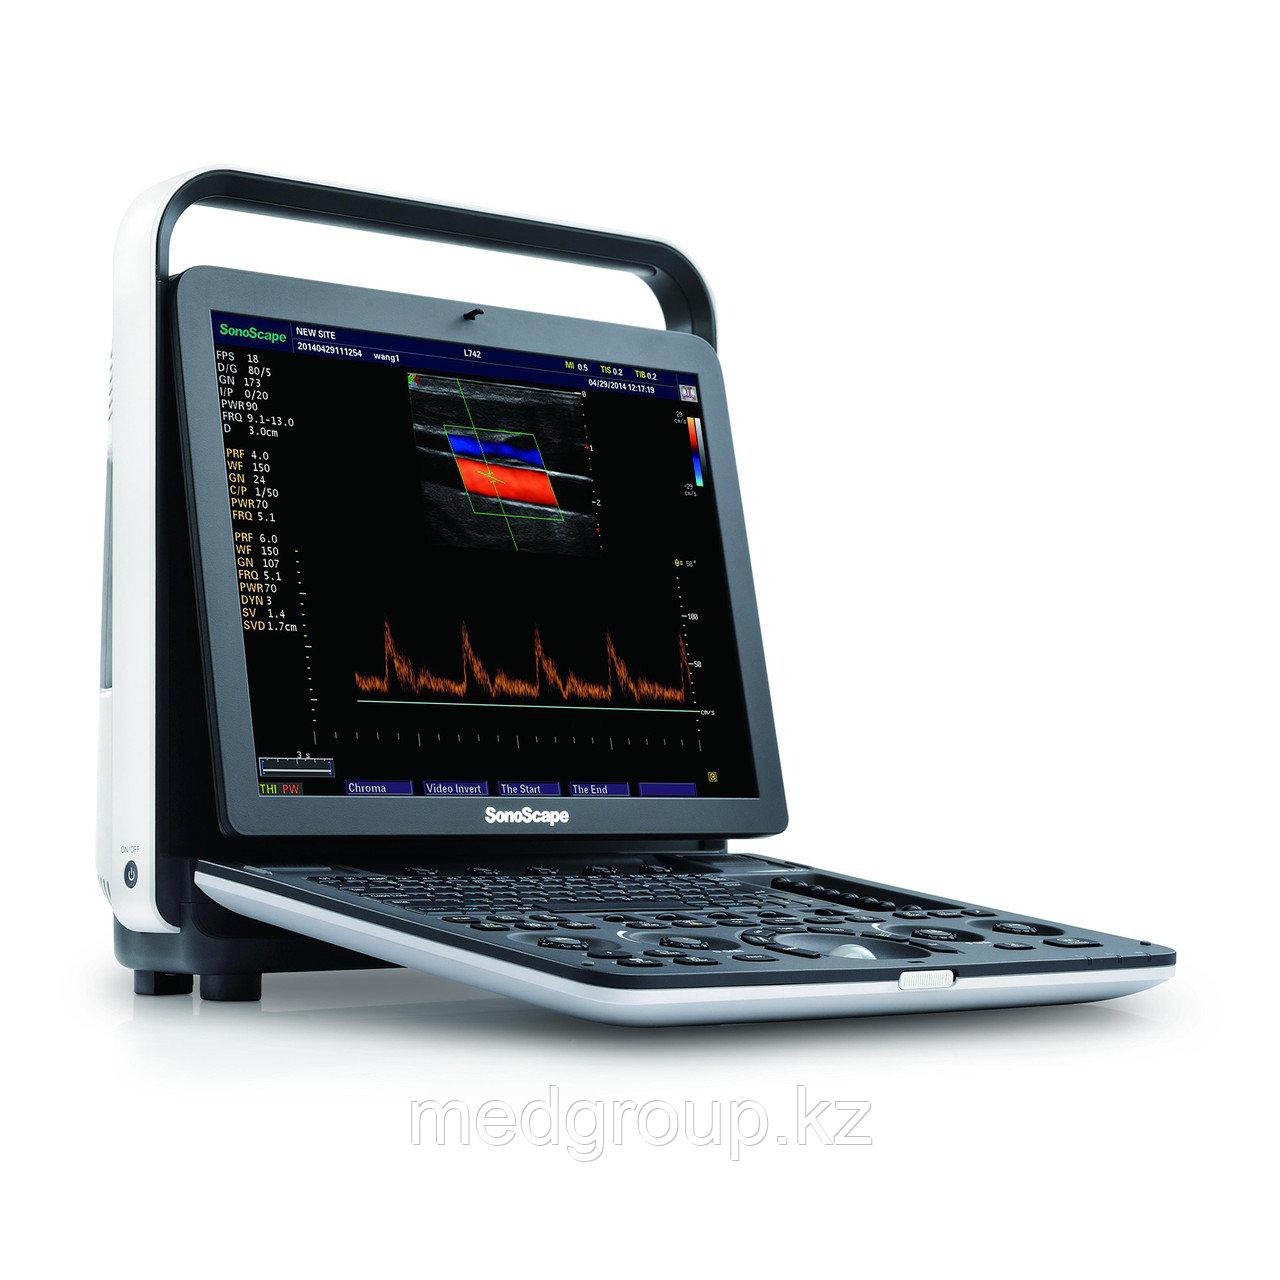 Ультразвуковая система (сканер) SonoScape S9Pro